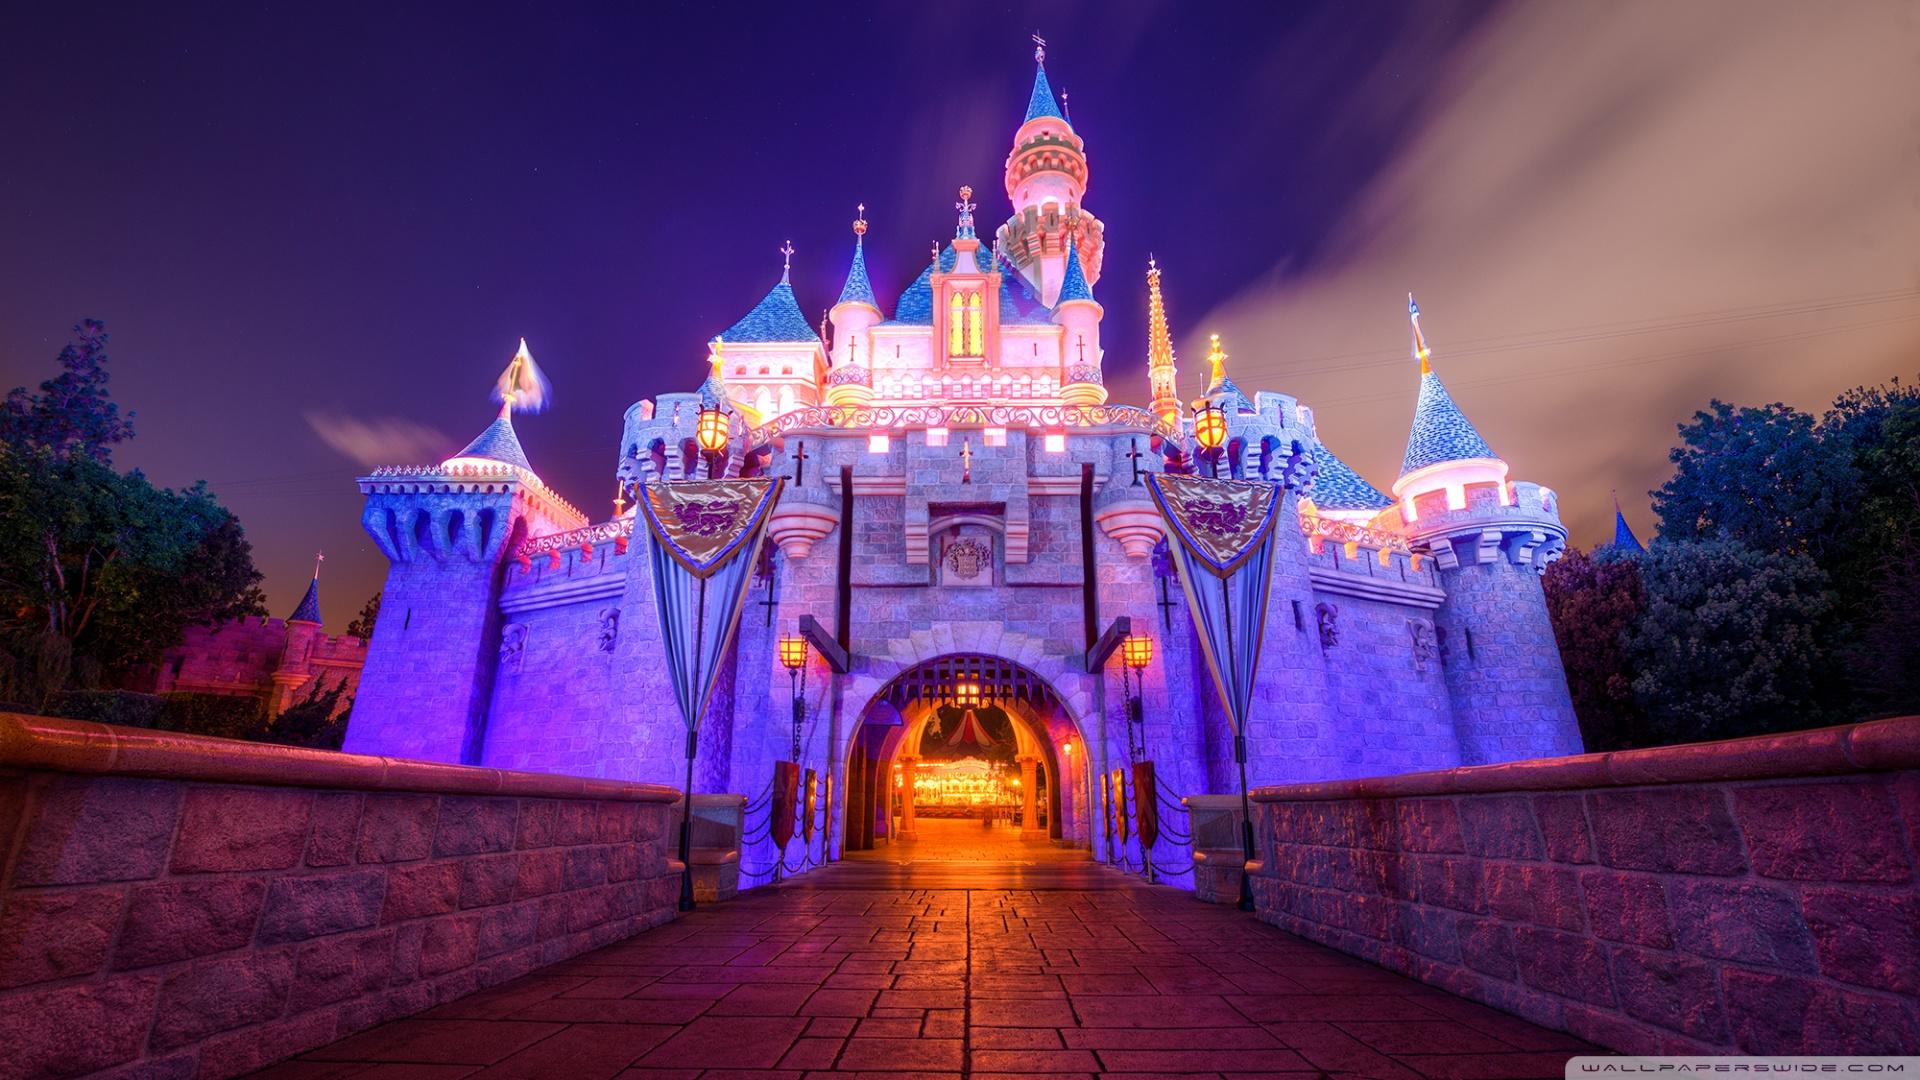 Hdwallpapers87com   Download Sleeping Beauty Castle Disneyland 1920x1080